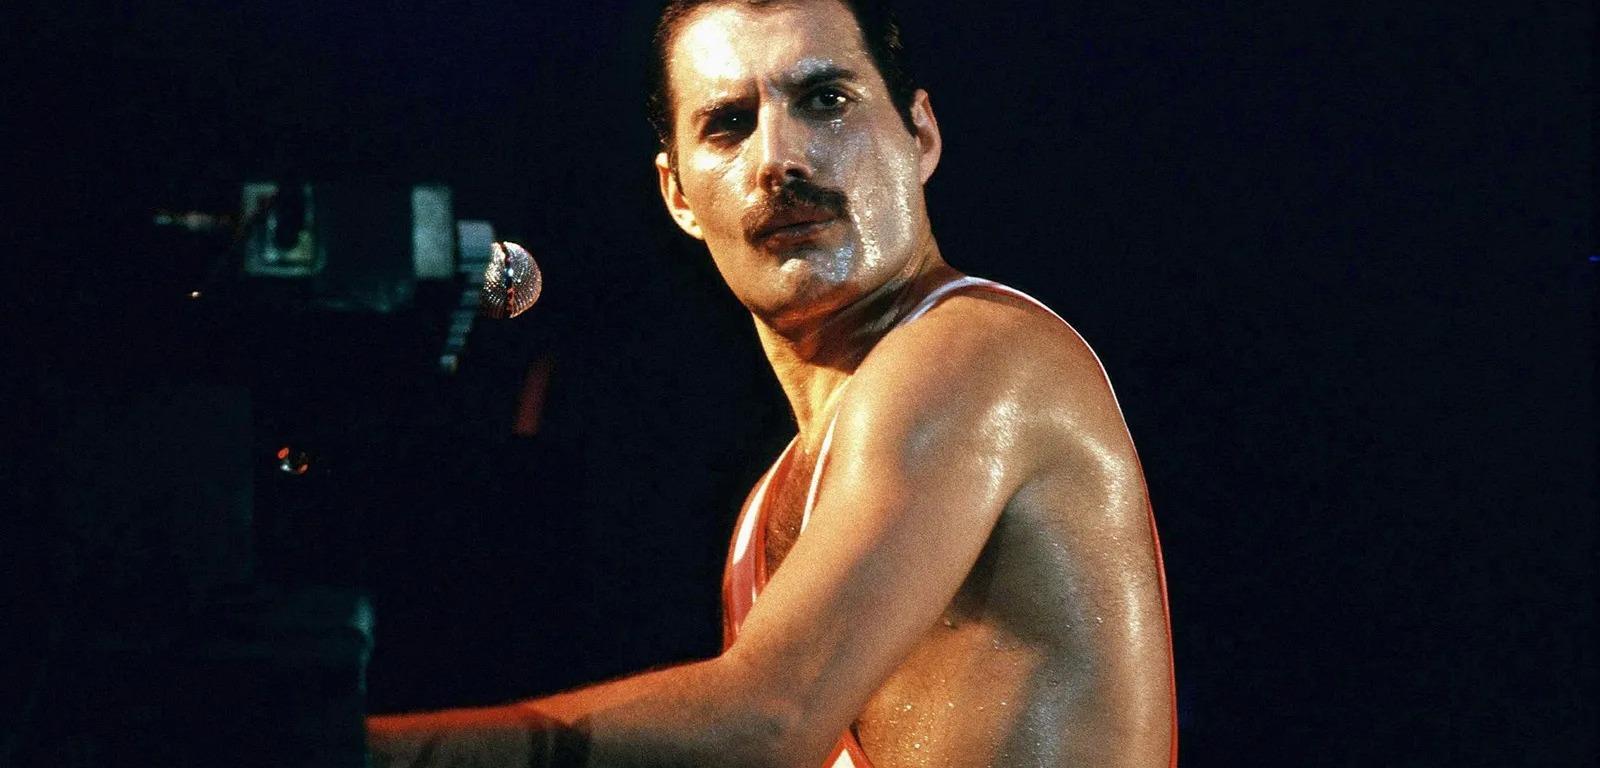 Cine a fost cu adevărat Freddie Mercury?